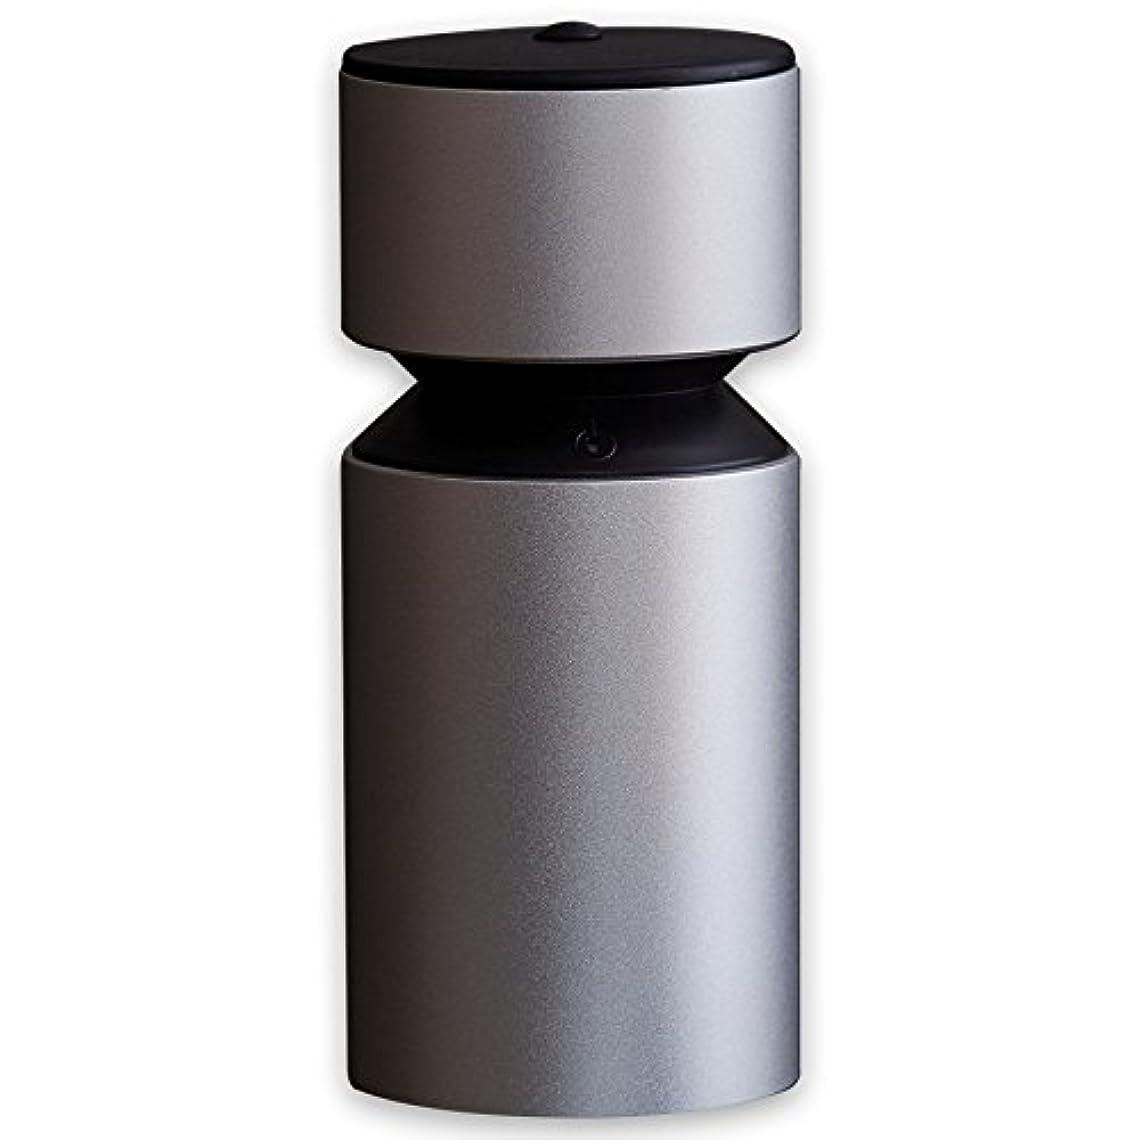 オフセット杭膨張するアロマディフューザー UR-AROMA03 卓上 小型 加湿器 Uruon(ウルオン) オーガニックアロマオイル対応 天然アロマオイル AROMA ポータブル usb コンパクト 充電式 タンブラー 2way アロマドロップ方式